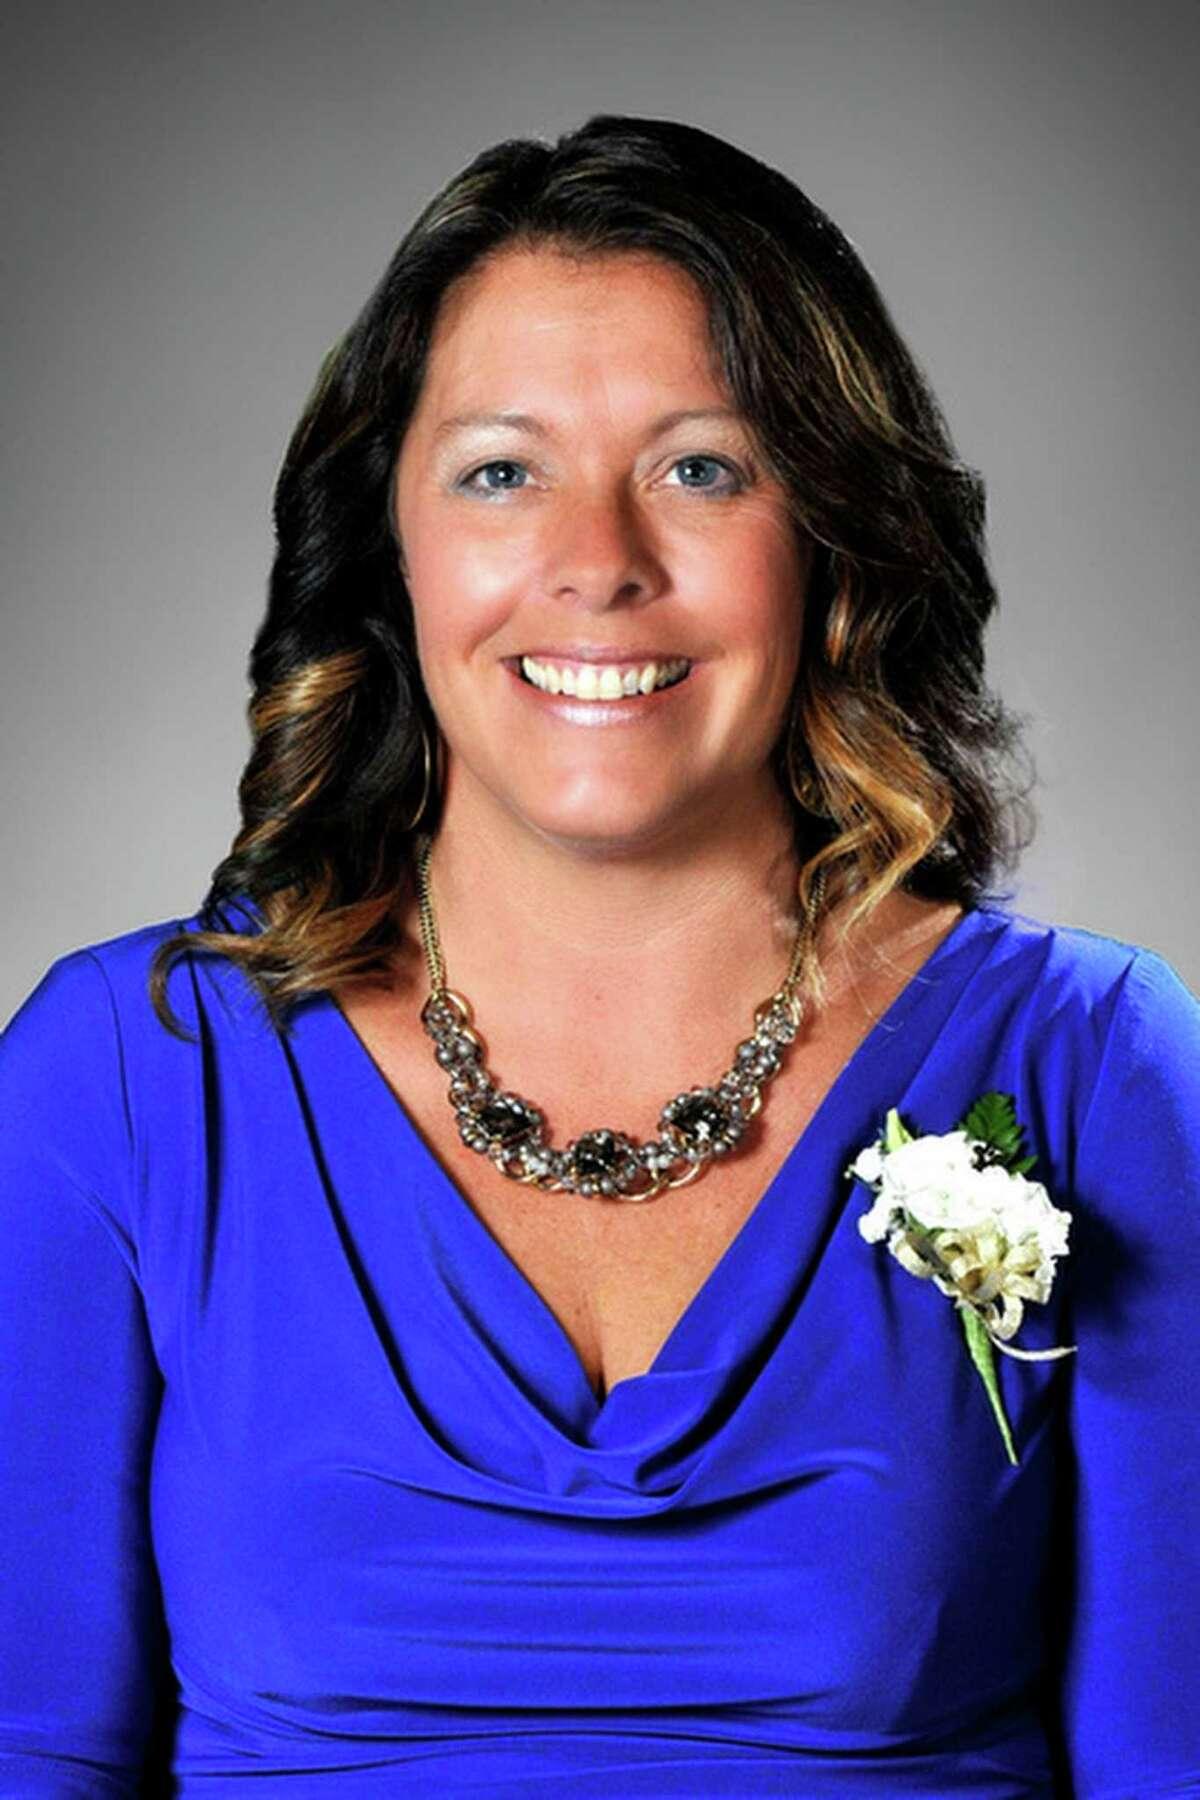 Julie Gansle, Colonie clerk of the court, seeks the town clerk's seat in the November 2017 election, facing Alison McLean Lane.